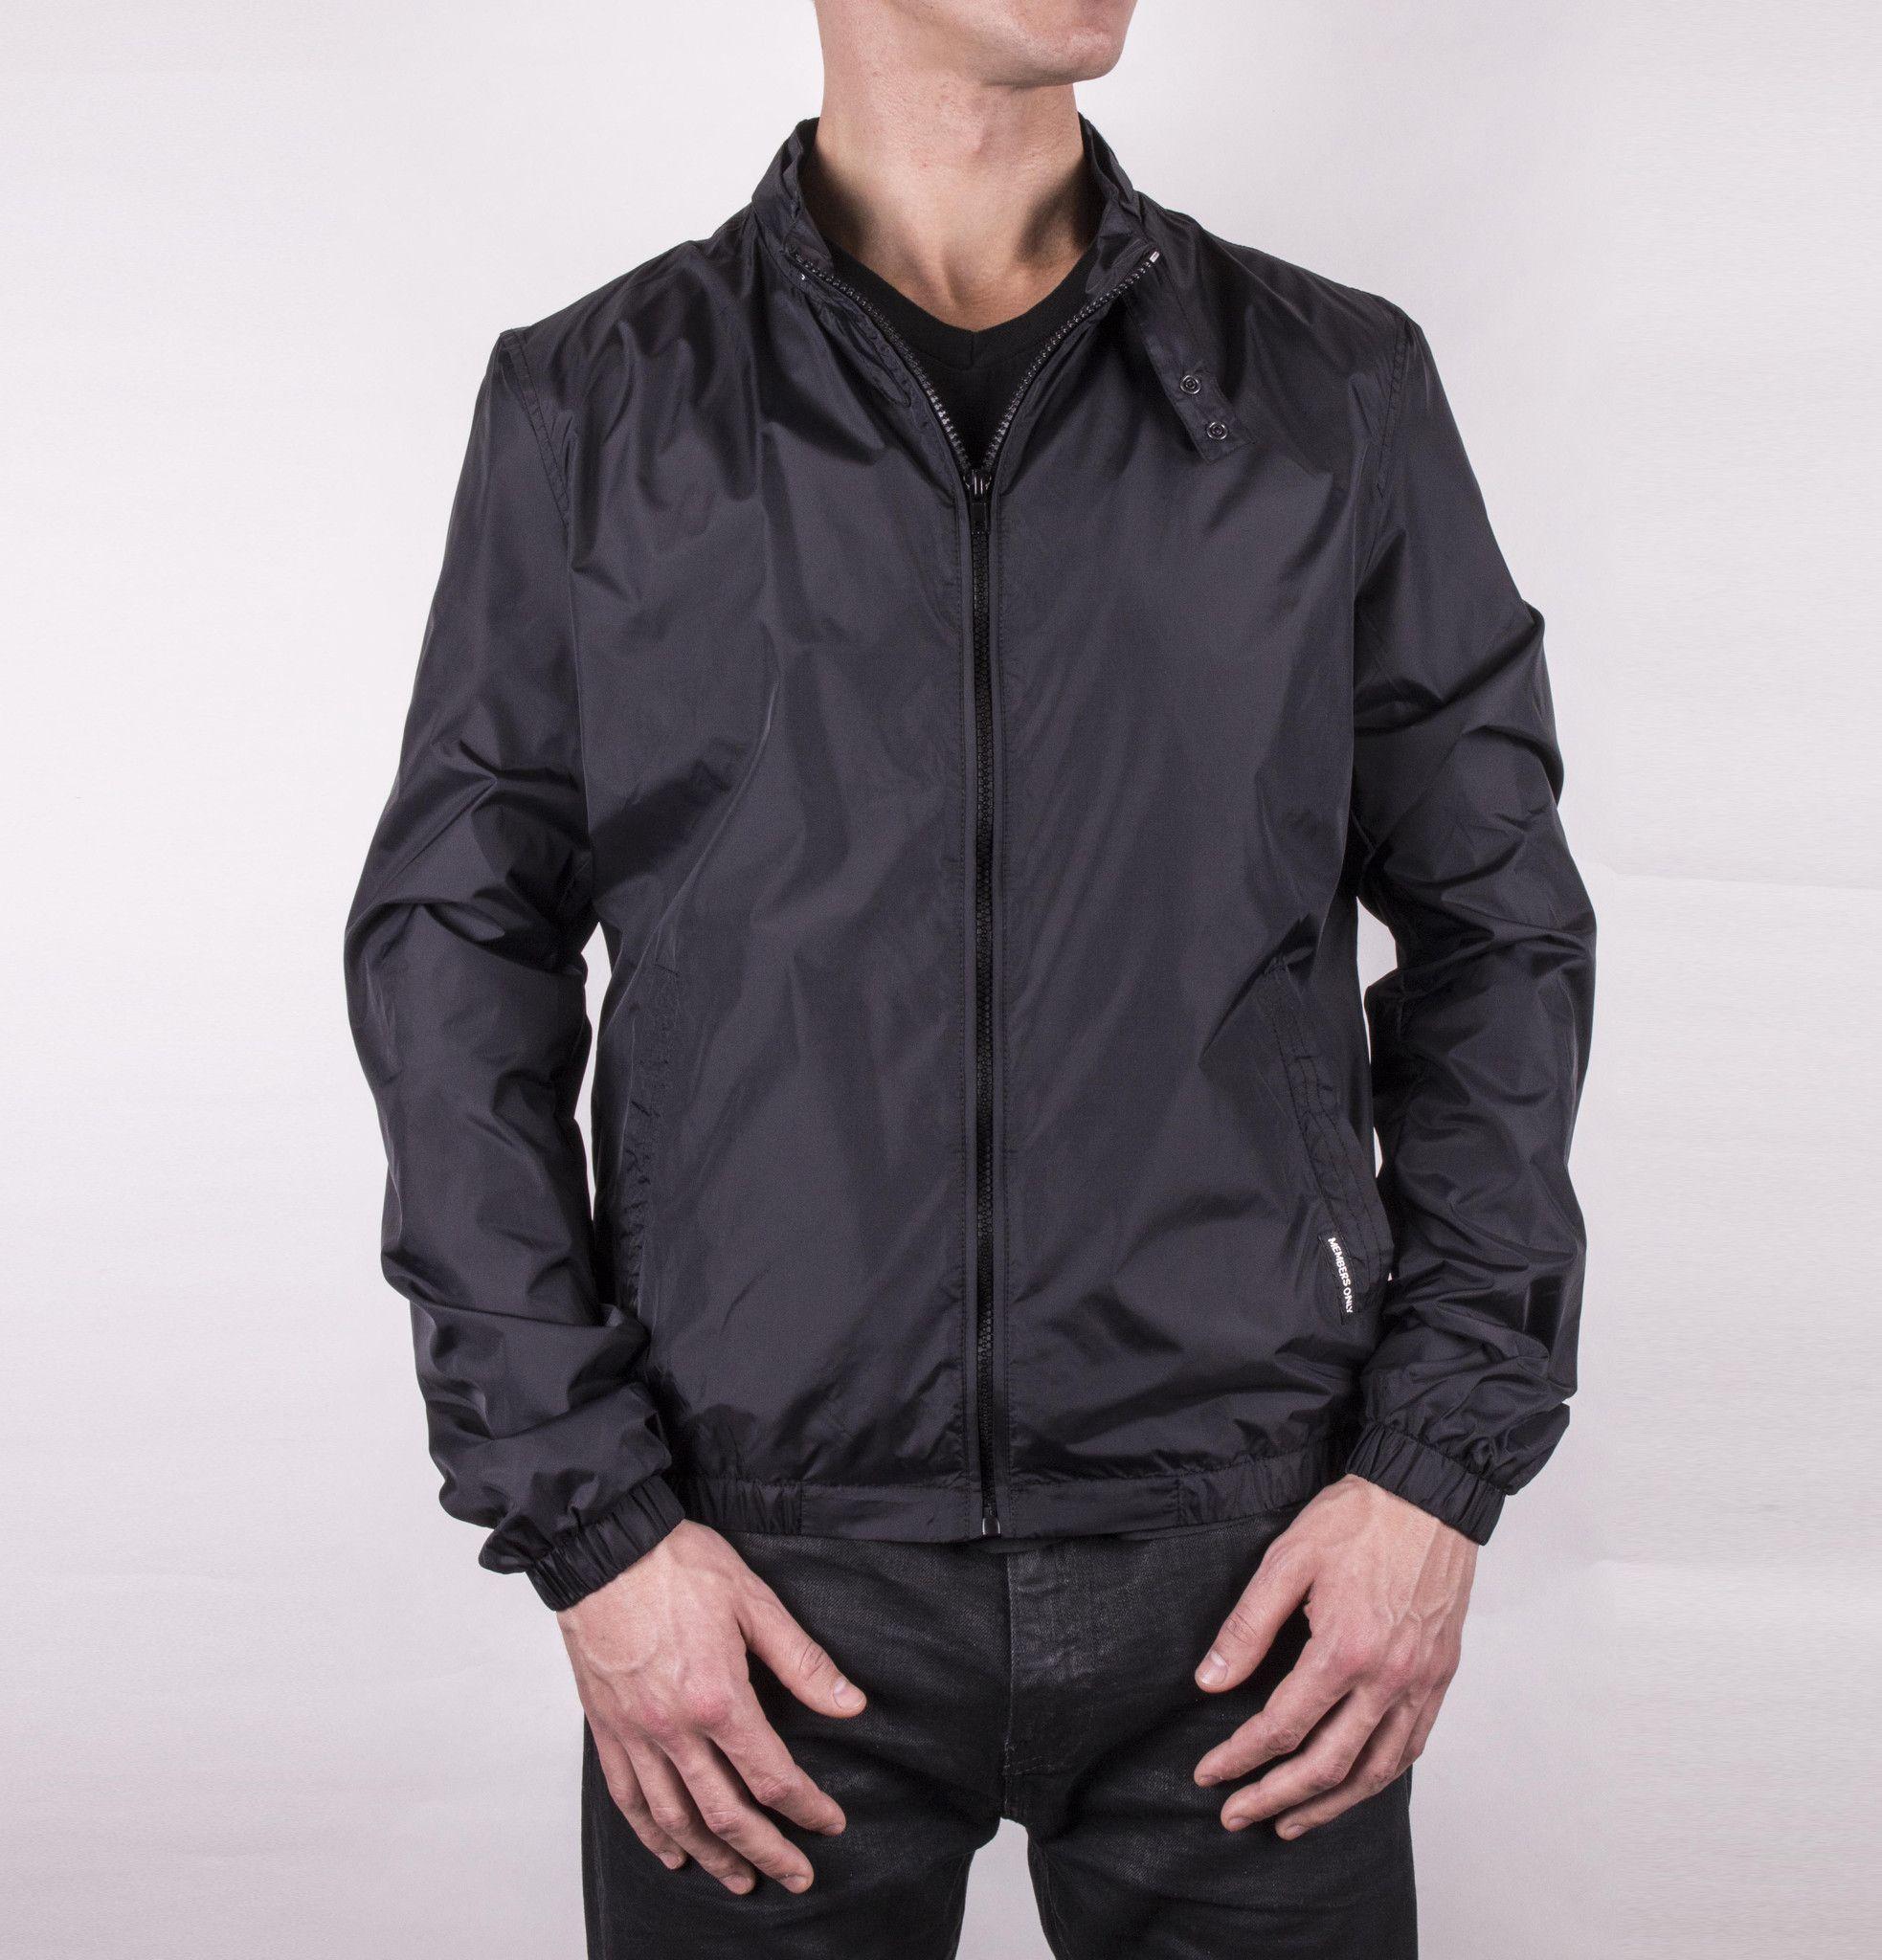 Packable Windbreaker   Packable jacket and Black